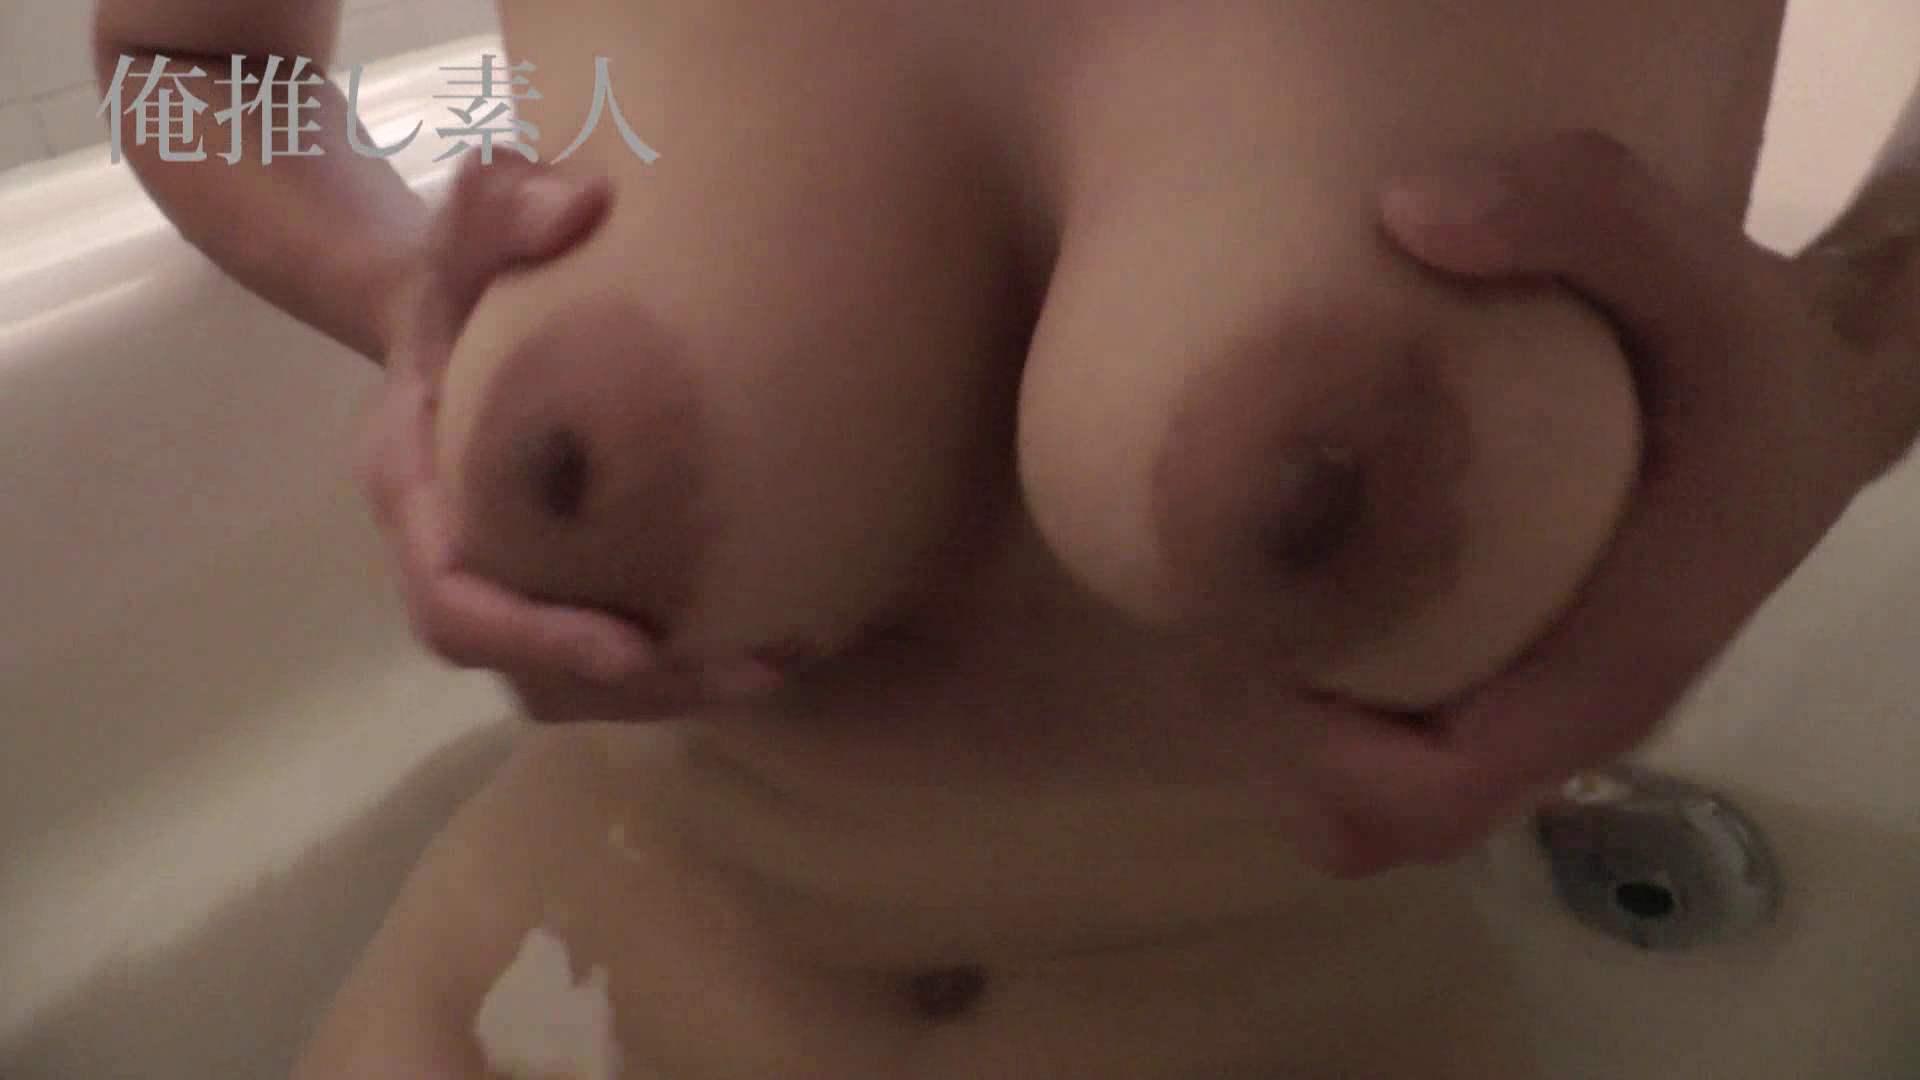 俺推し素人 30代人妻熟女キャバ嬢雫Vol.02 熟女マダム ぱこり動画紹介 29連発 4